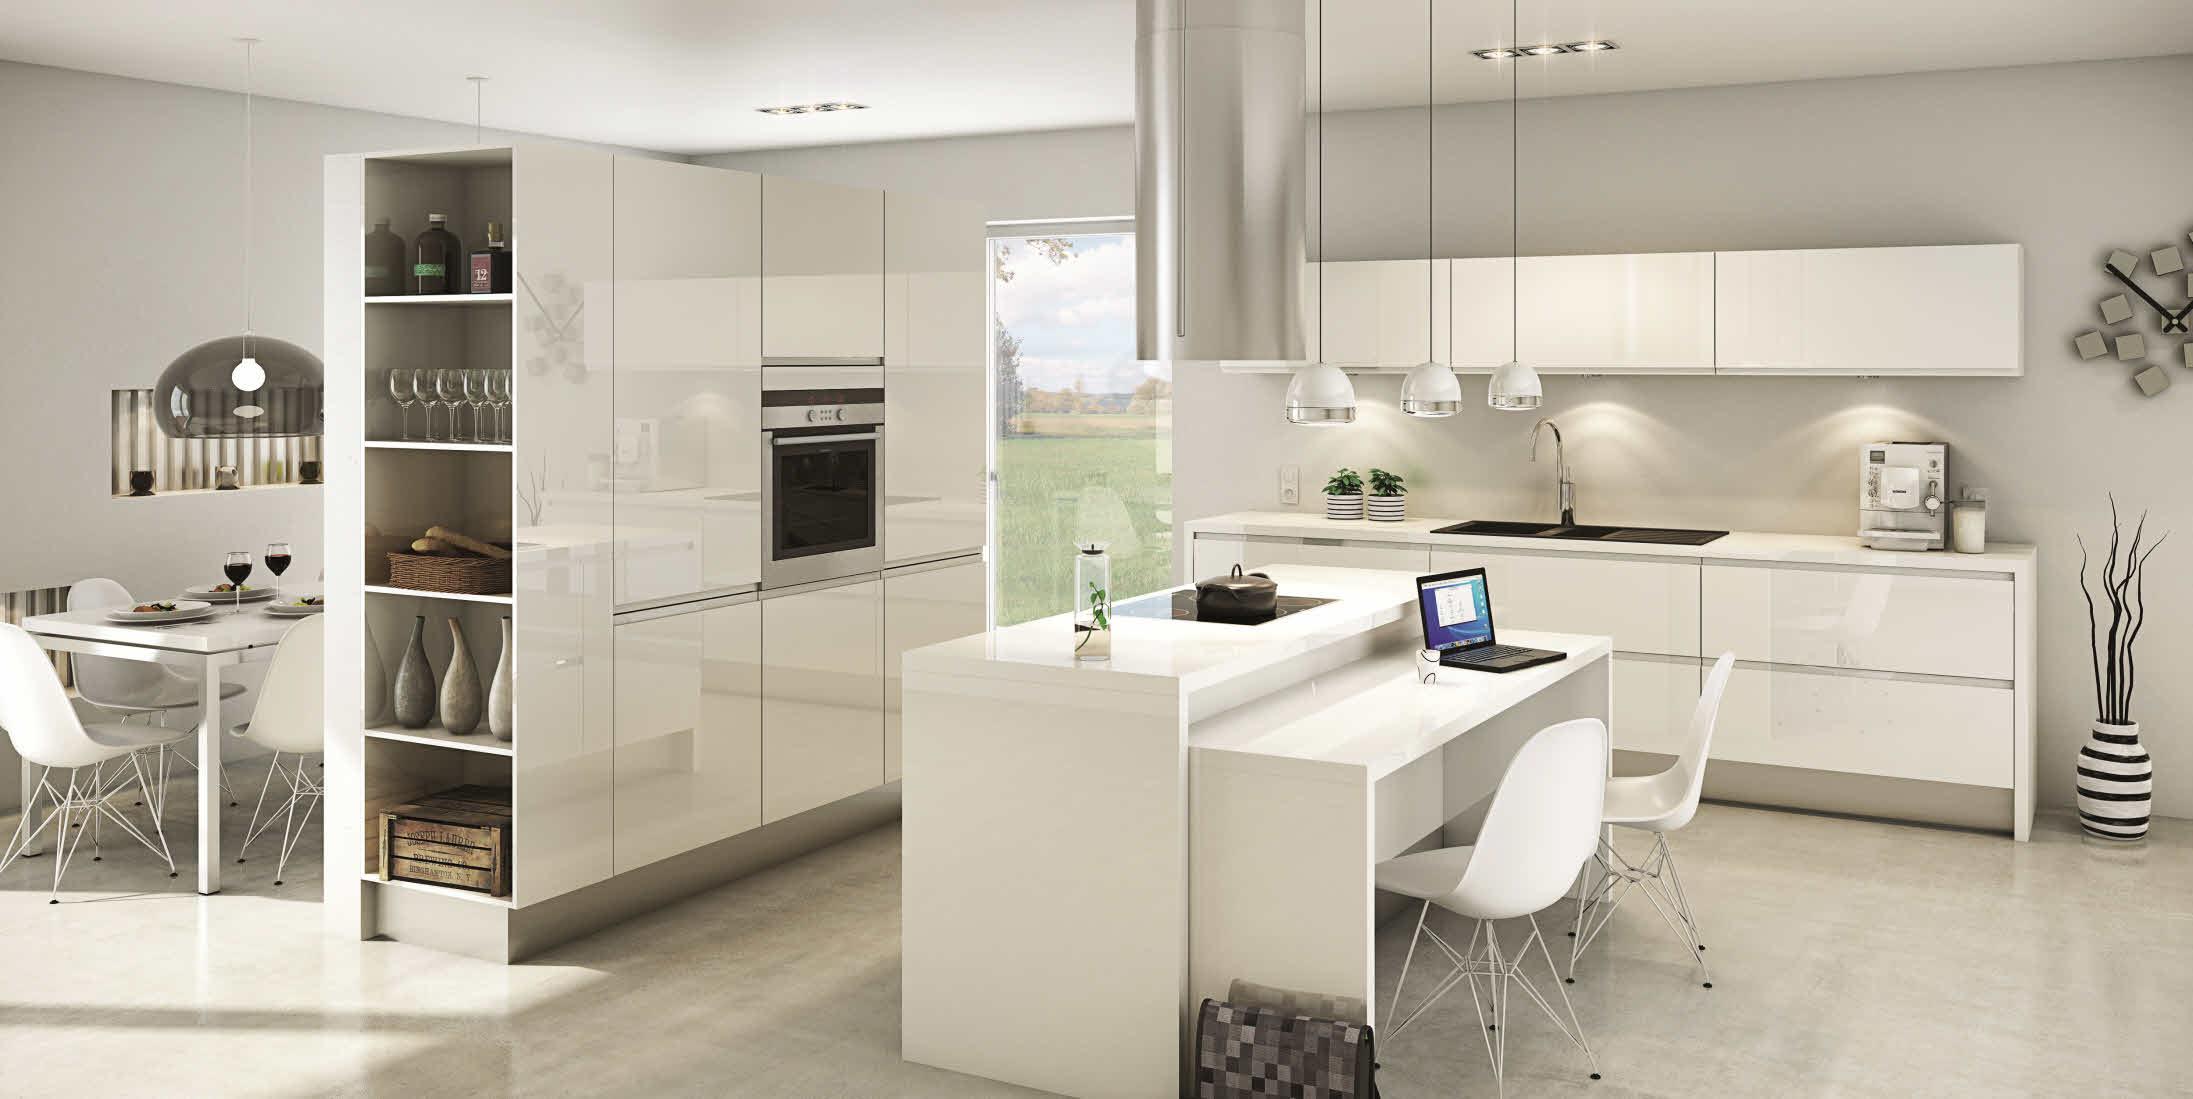 Modele de cuisine moderne blanche tout sur la cuisine et - Deco cuisine moderne blanc ...